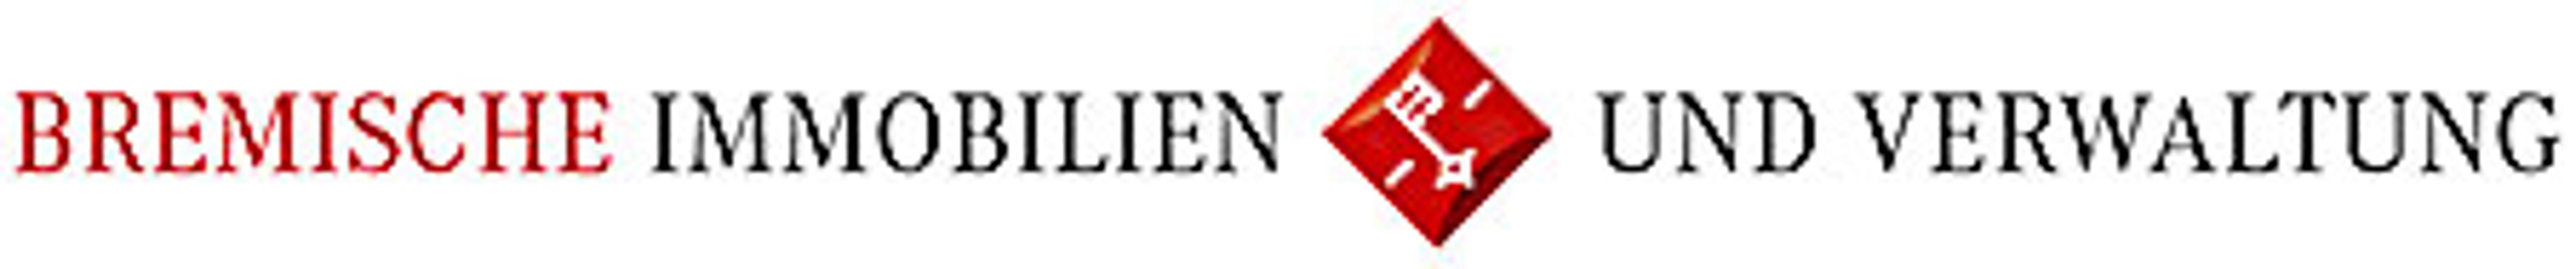 Bild zu Bremische Immobilien und Verwaltung J.Ernst UG in Bremen